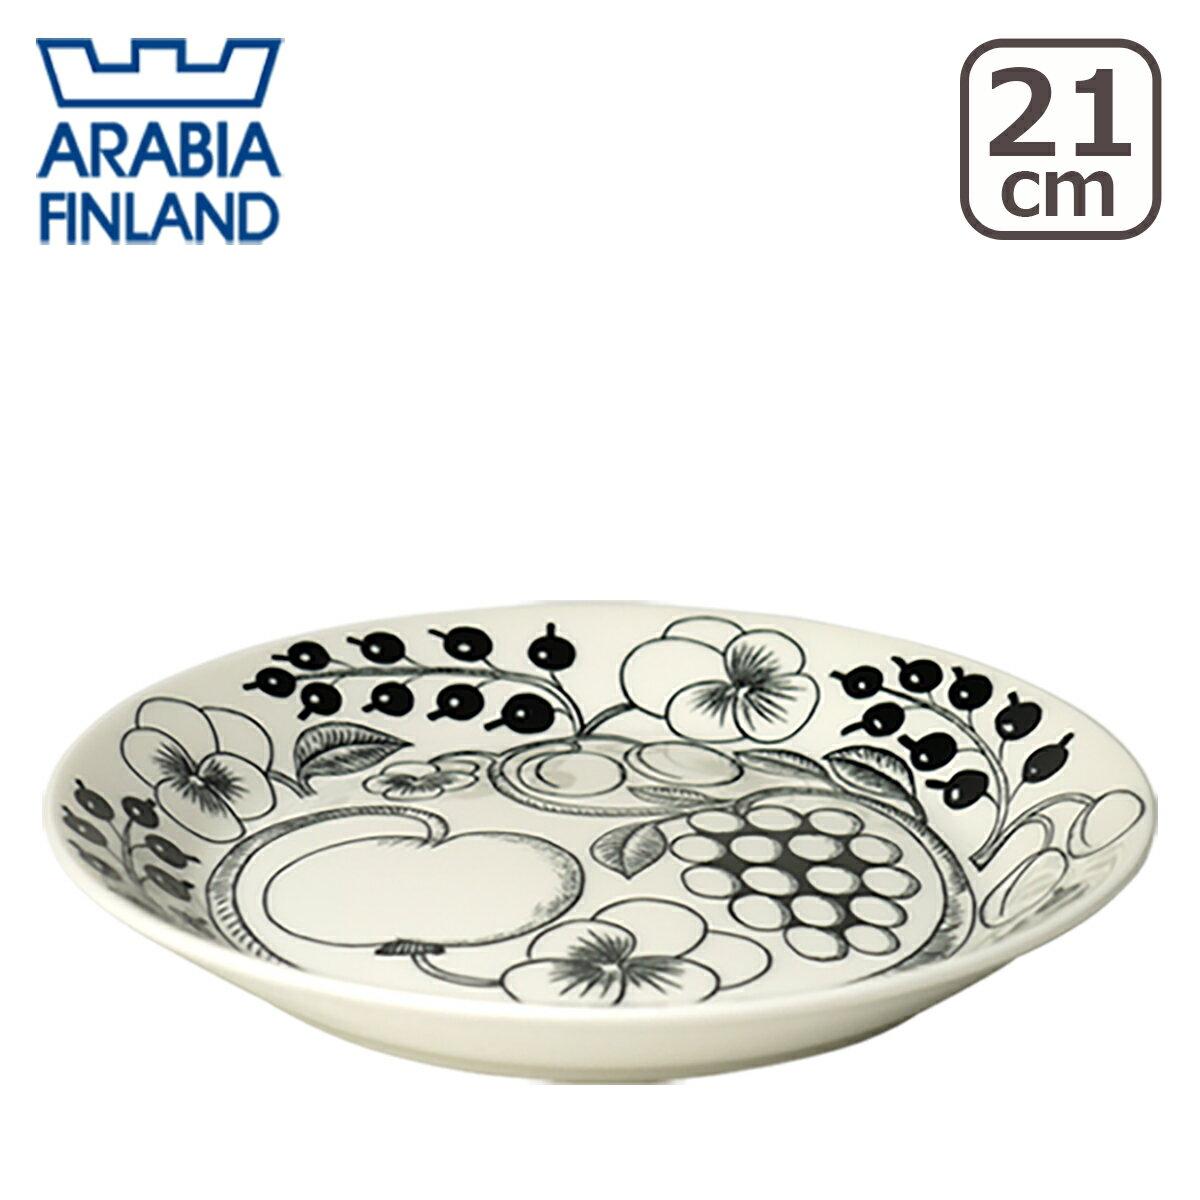 アラビア Arabia ブラック パラティッシ (ブラックパラティッシ) 21cm プレート (Paratiisi) 北欧食器 フィンランド